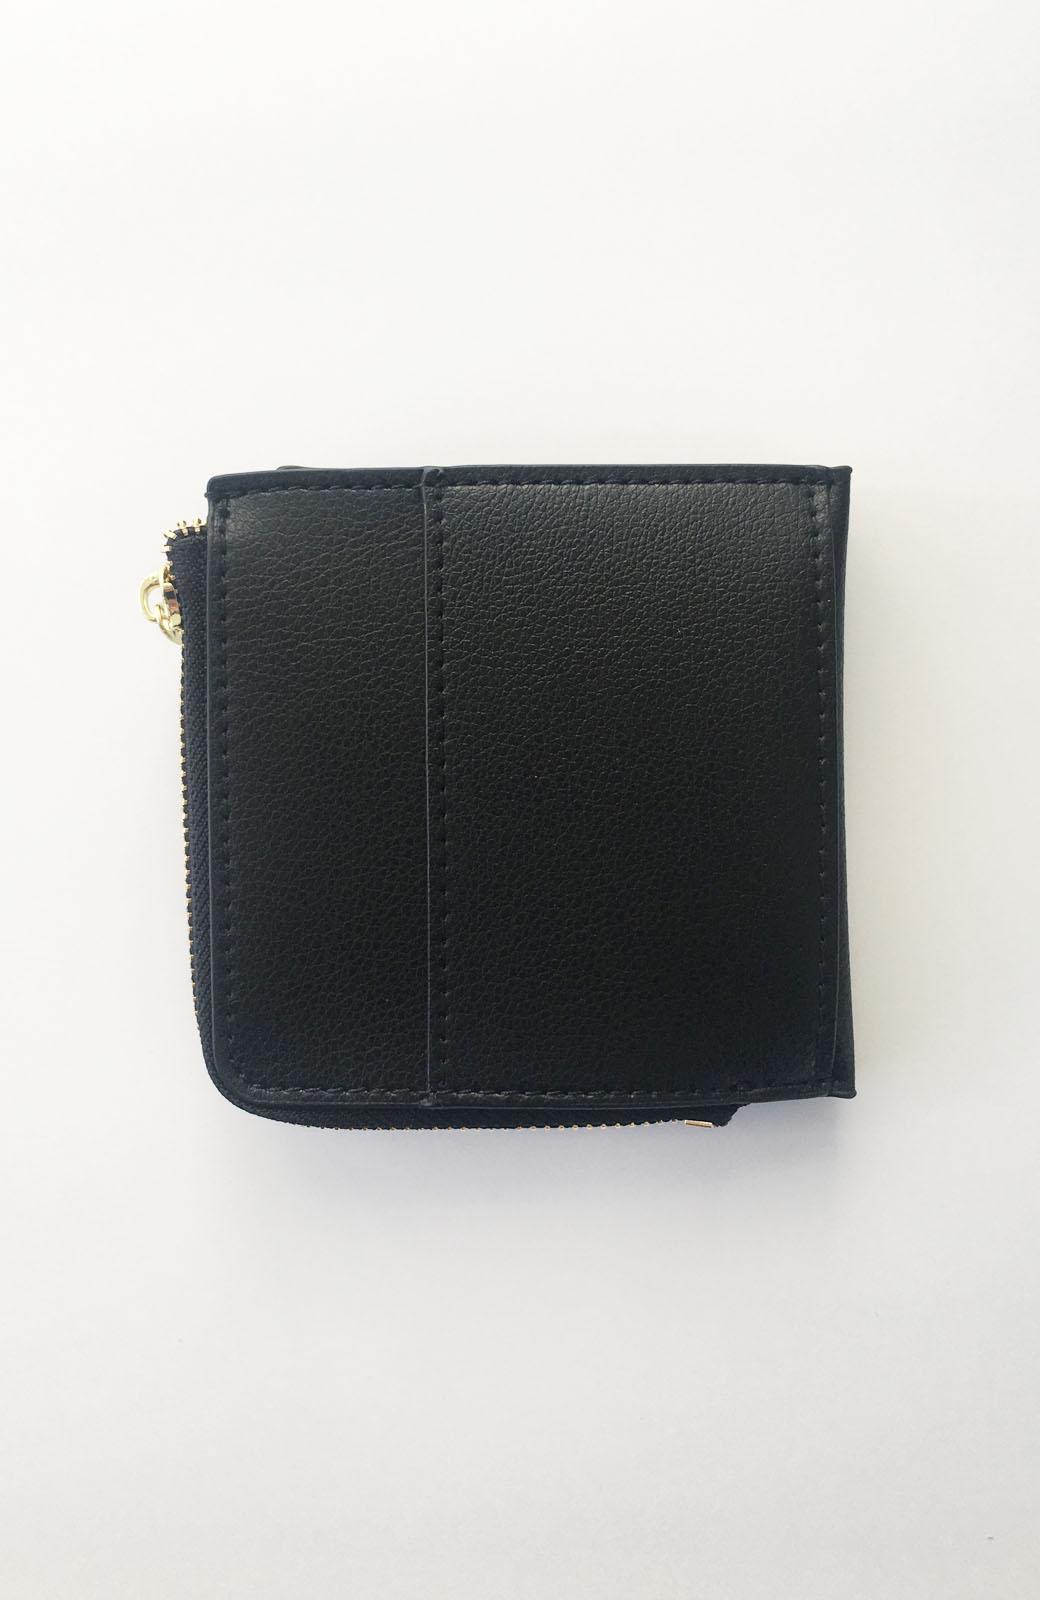 haco! Legato Largo うすいサイフシリーズ 軽量ボンディングフェイクレザー 二つ折り財布 <ブラック>の商品写真2